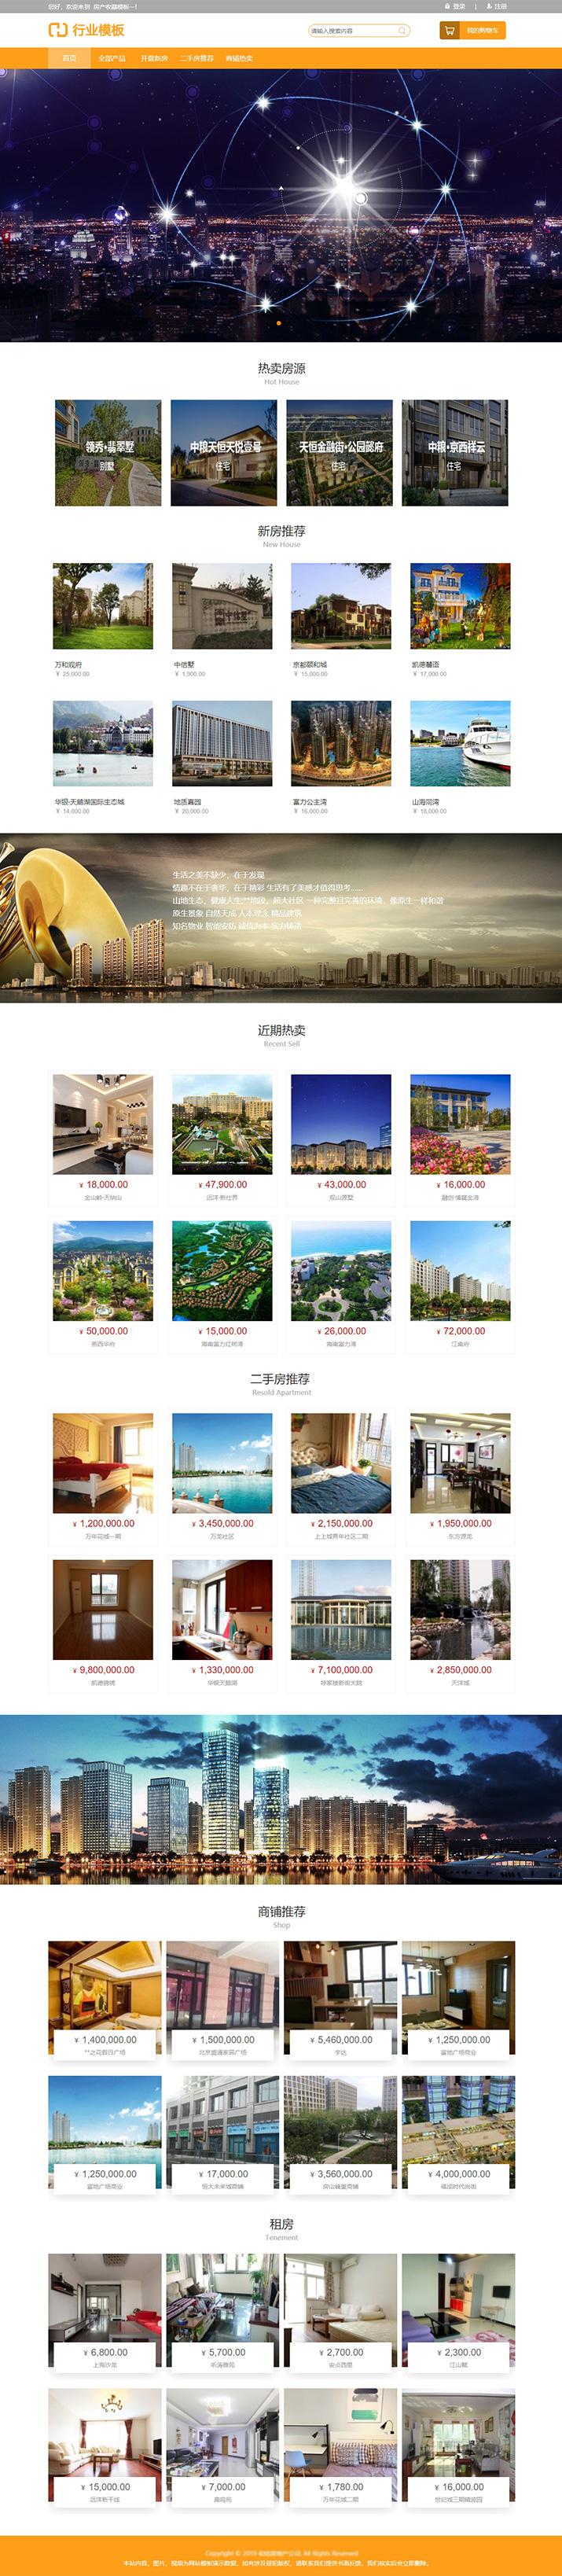 精选房地产租房网站模板